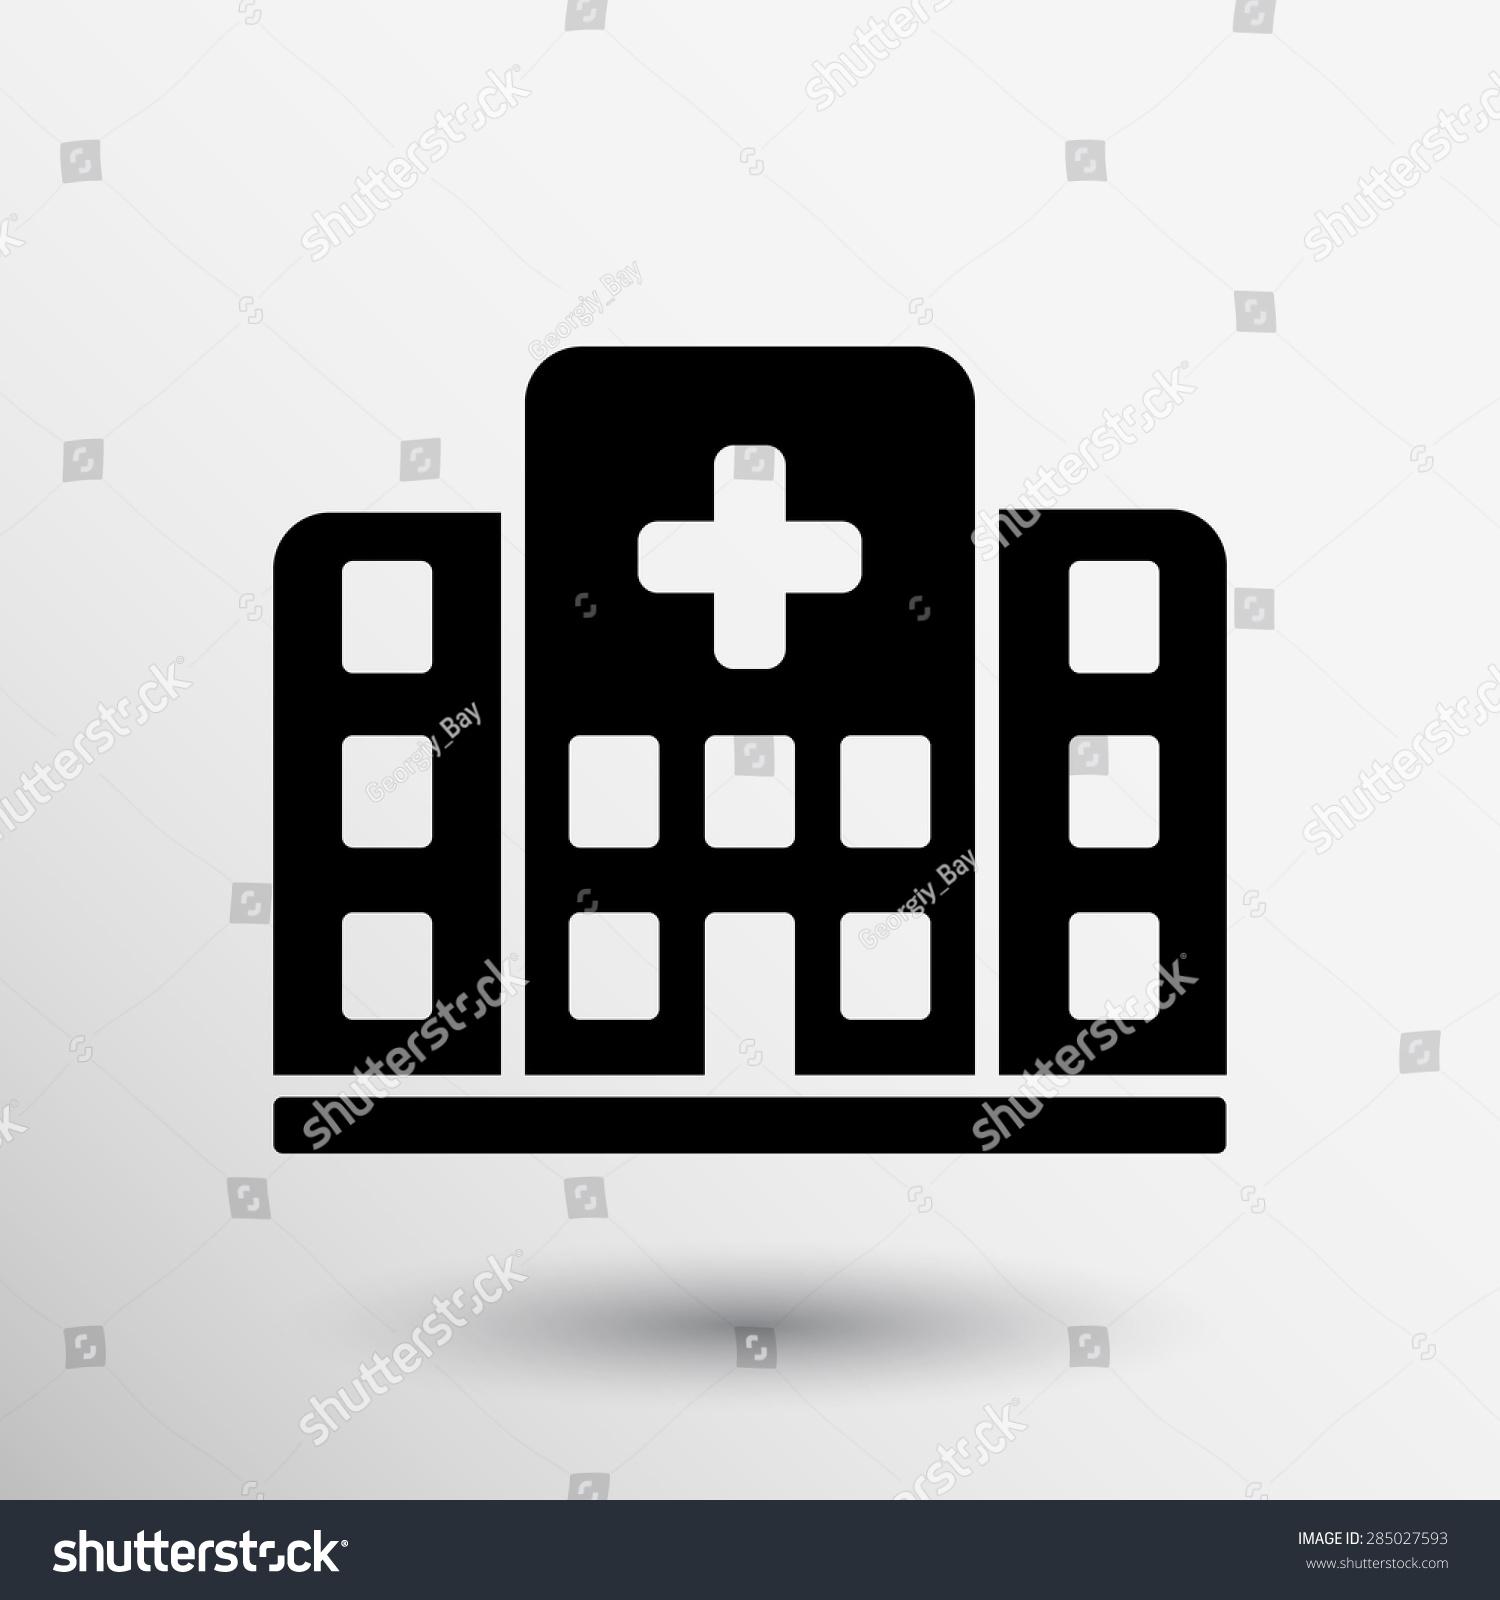 医院图标交叉建筑物孤立的人类医学的观点.-医疗保健